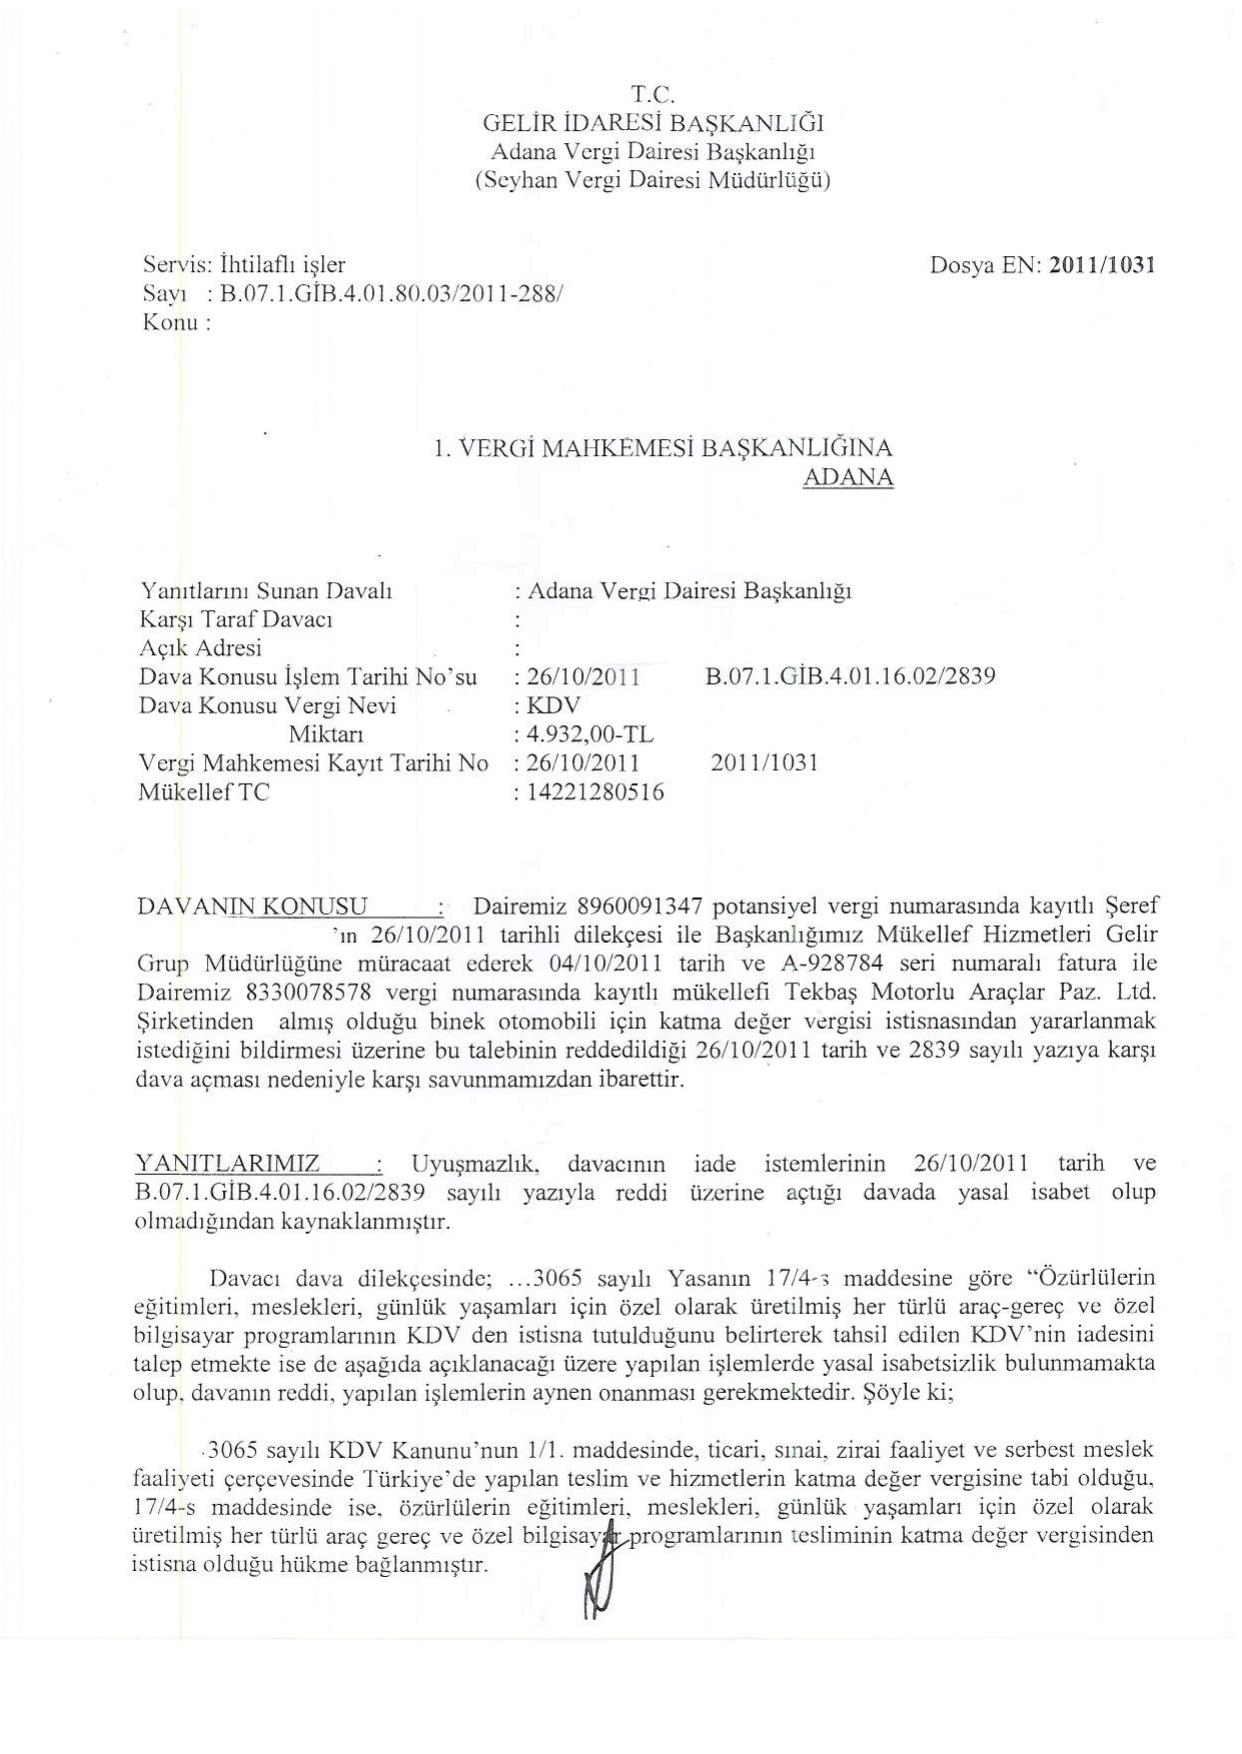 adana vergi dairesi savunmasi 1 - Sakat statüsünde alınan araç için ödenen KDV'nin geri alınması işlemleri ve süreç